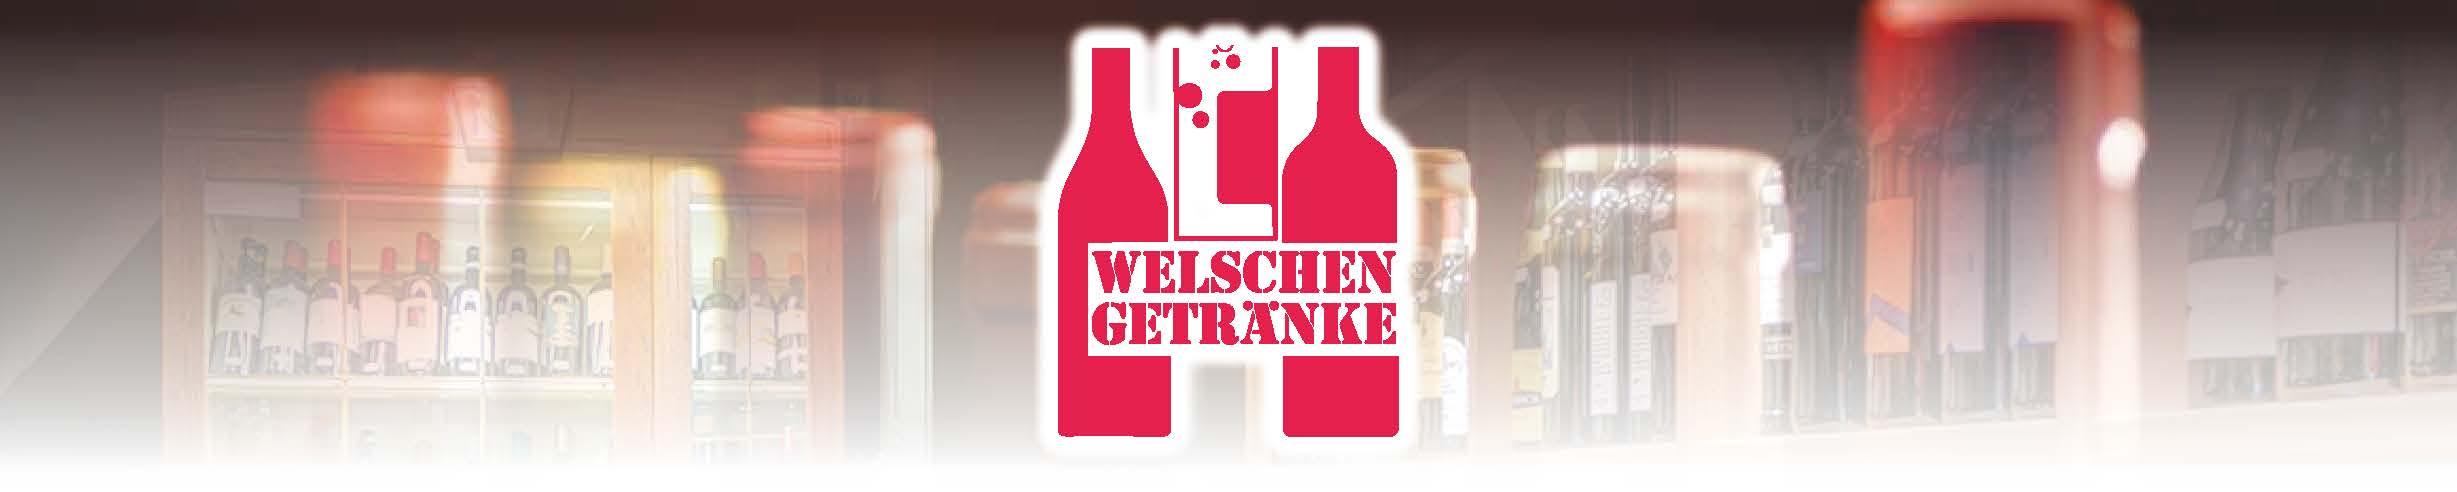 Wein- und Getränkehandel Welschen AG - Weine Welschen